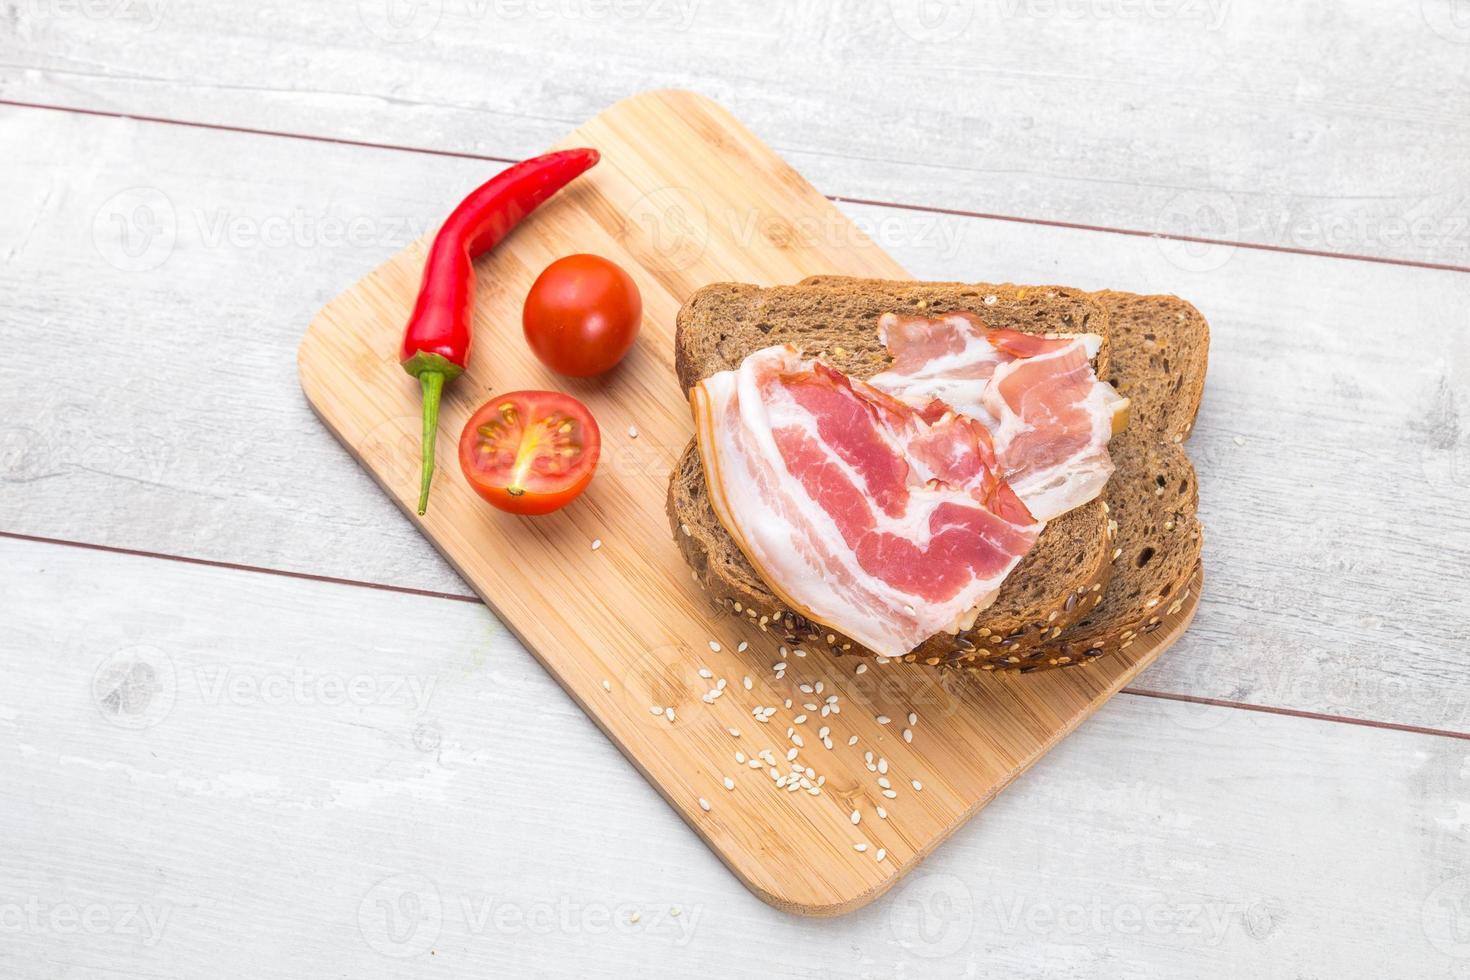 tomaat, toast, vlees op houten tafel foto